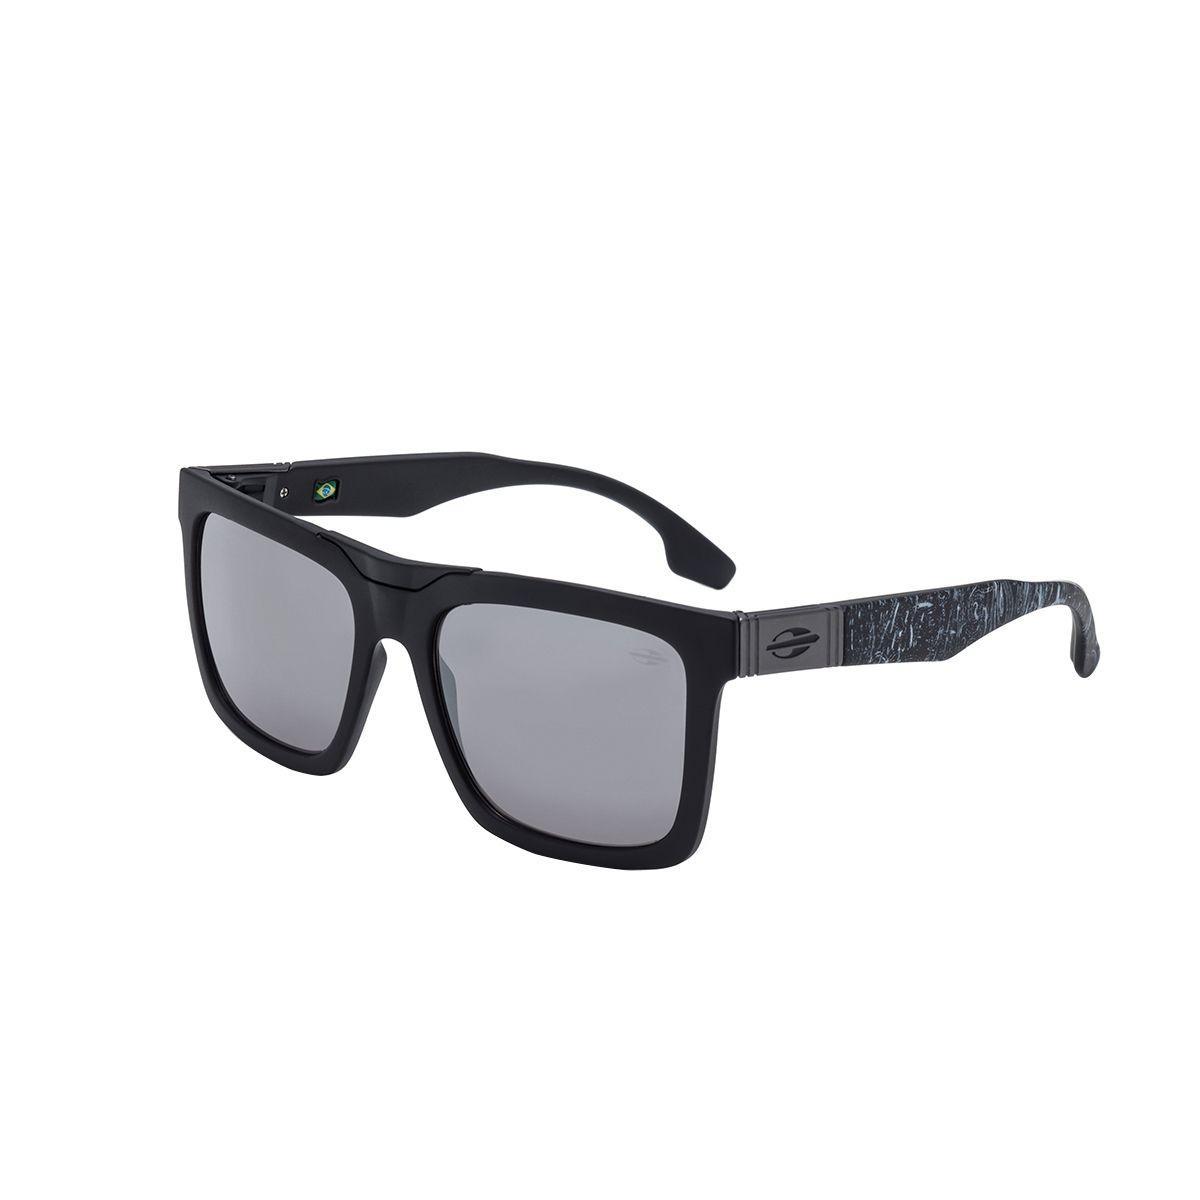 Óculos De Sol Long Beach Preto Fosco Lente Espelhada Cinza Mormaii R   249,00 à vista. Adicionar à sacola cfc92946b5